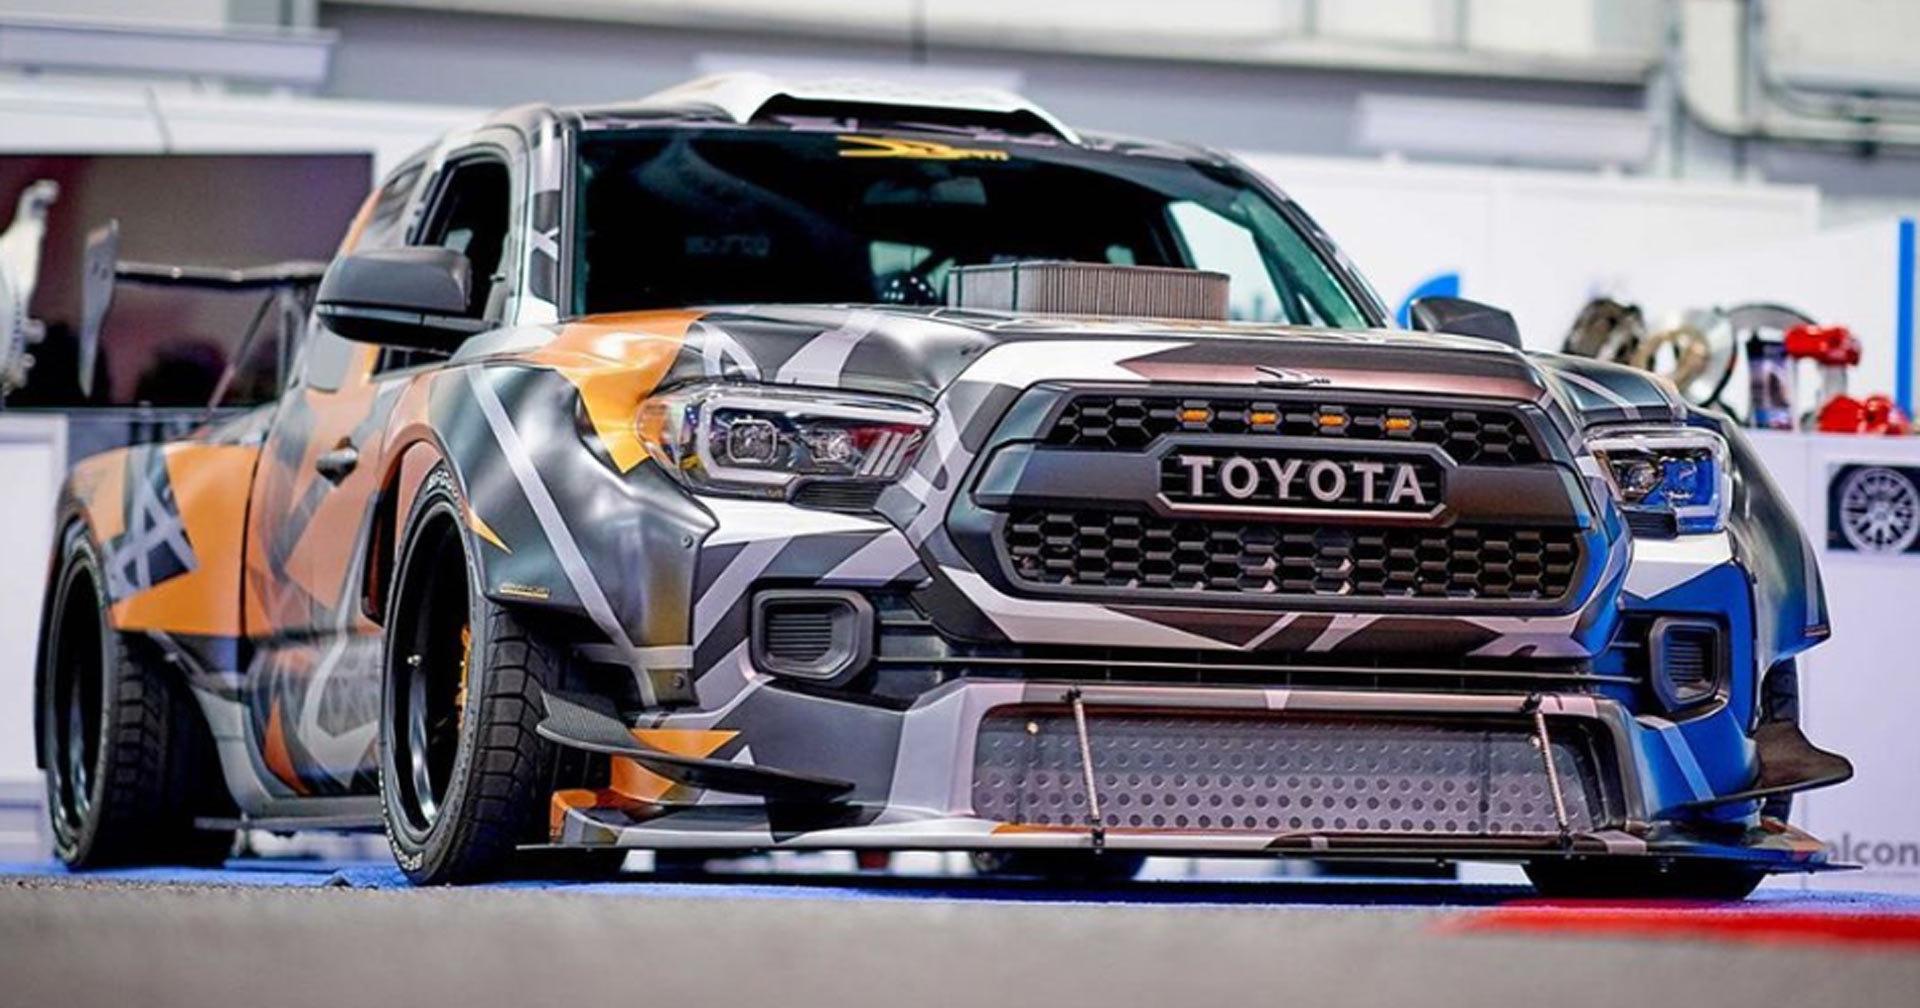 Из пикапа Toyota сделали 900-сильный дрифт-кар